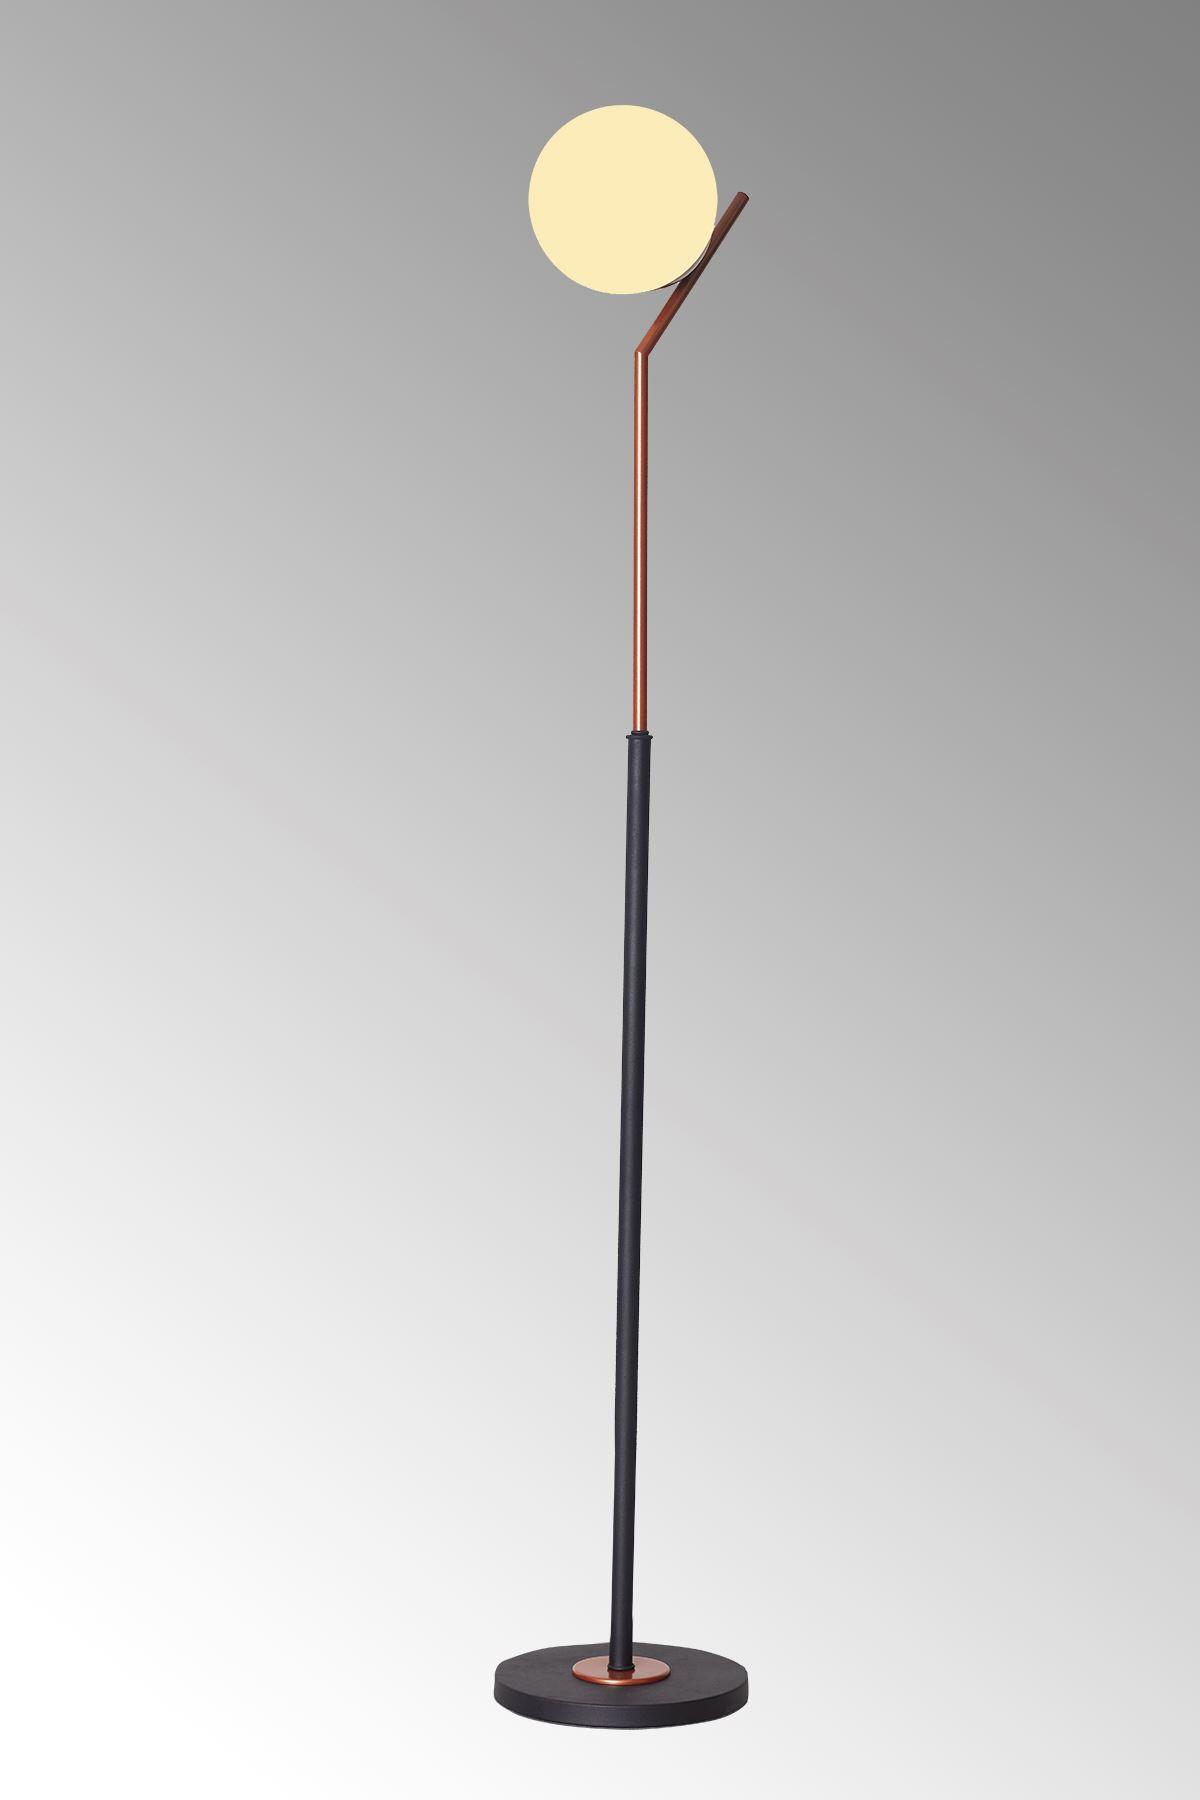 Elit Bakır-Siyah Metal Gövde Beyaz Camlı Tasarım Lüx Yerden Aydınlatma Lambader